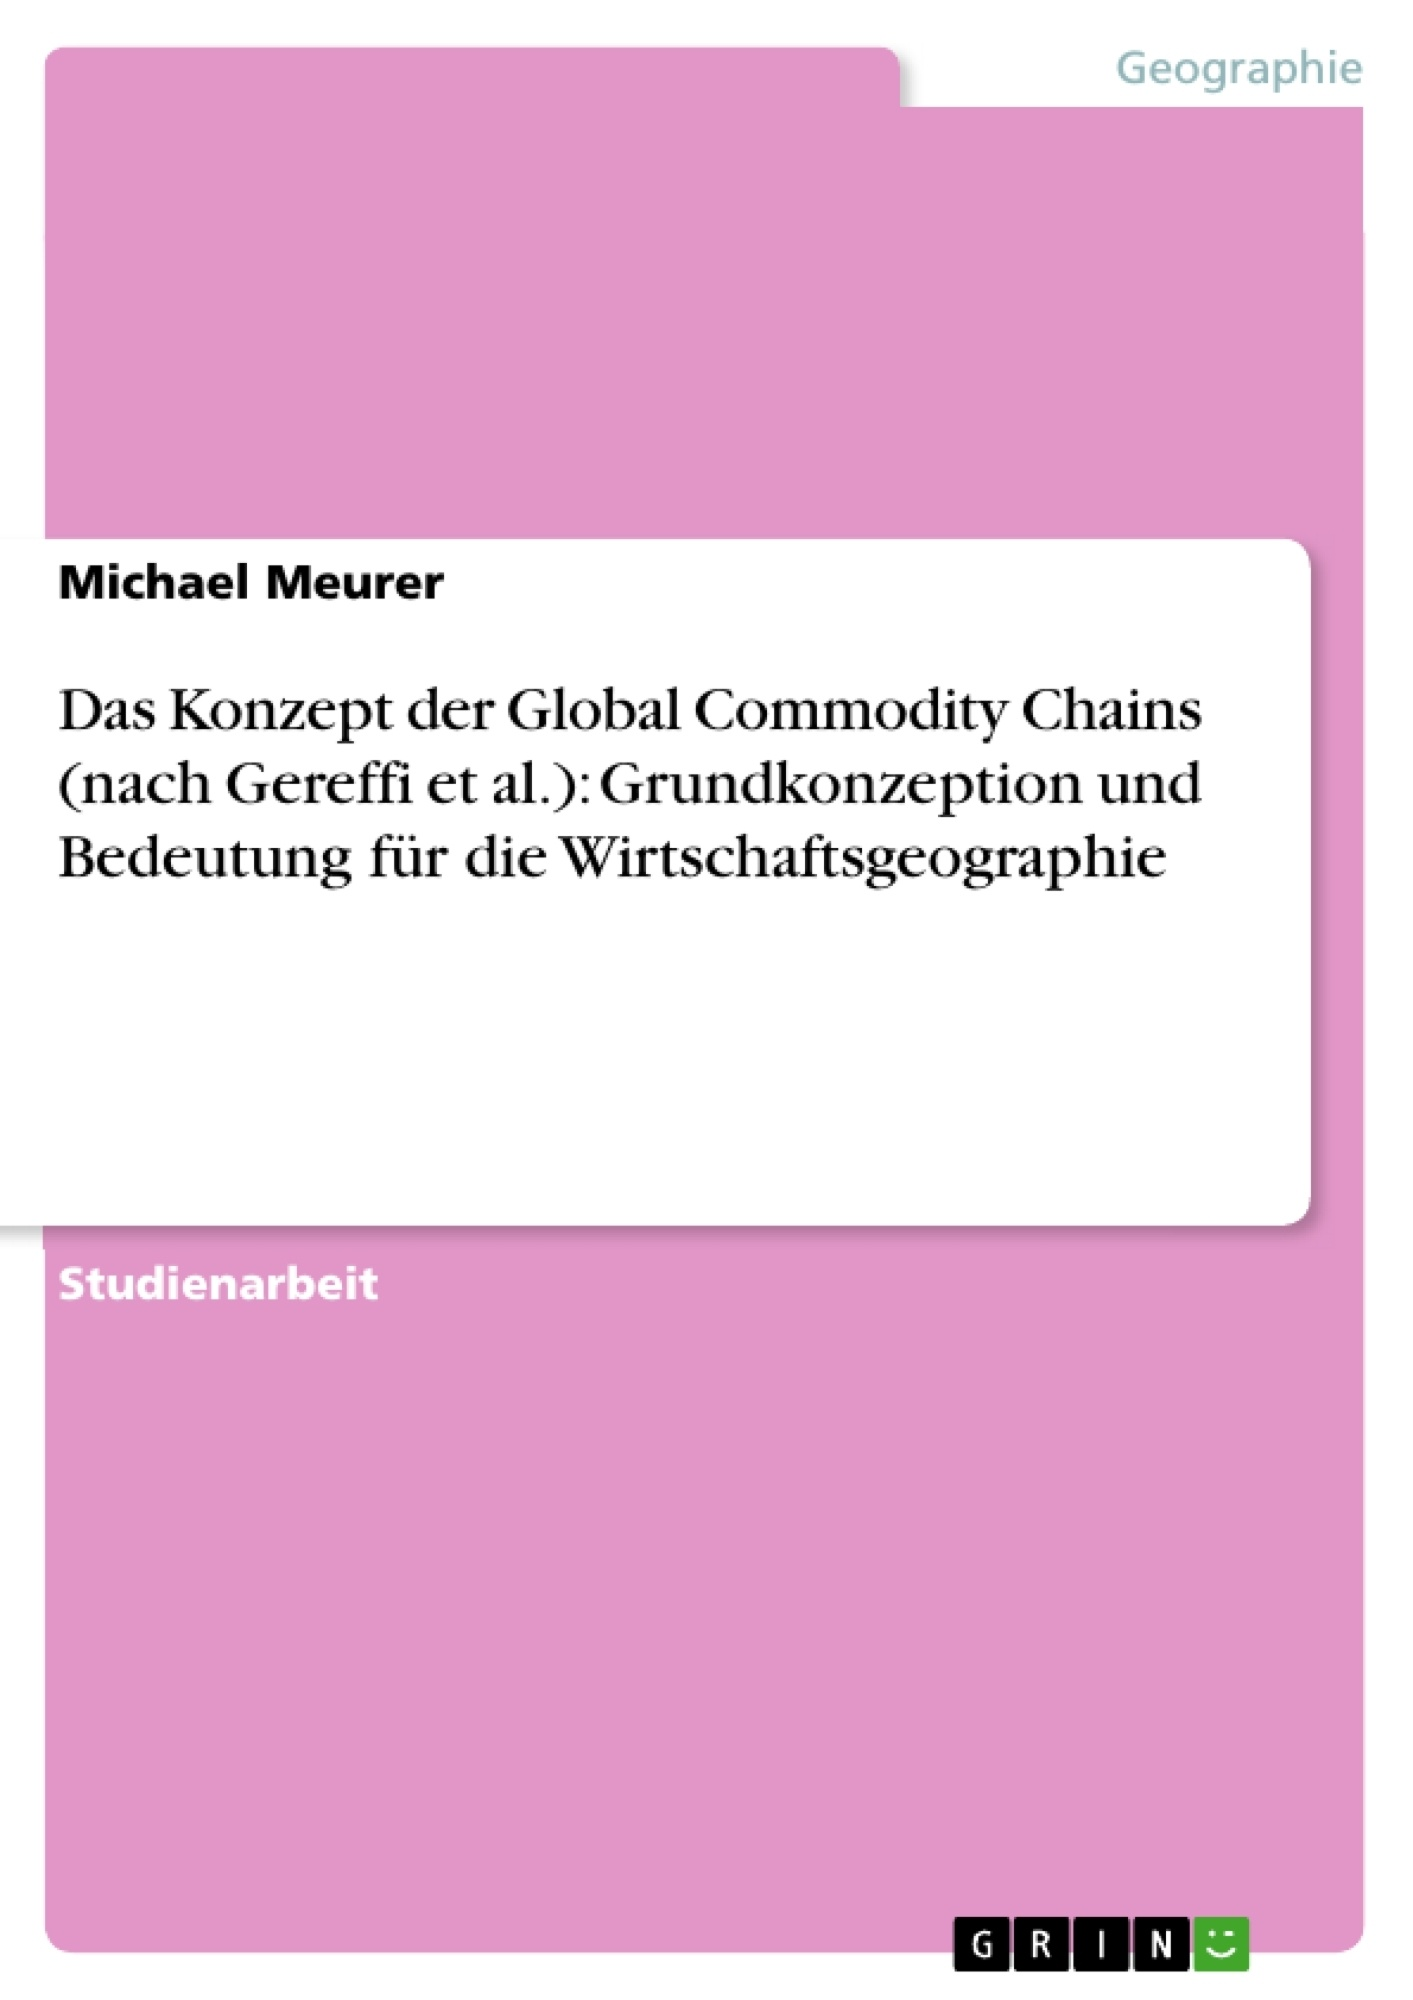 Titel: Das Konzept der Global Commodity Chains (nach Gereffi et al.): Grundkonzeption und Bedeutung für die Wirtschaftsgeographie